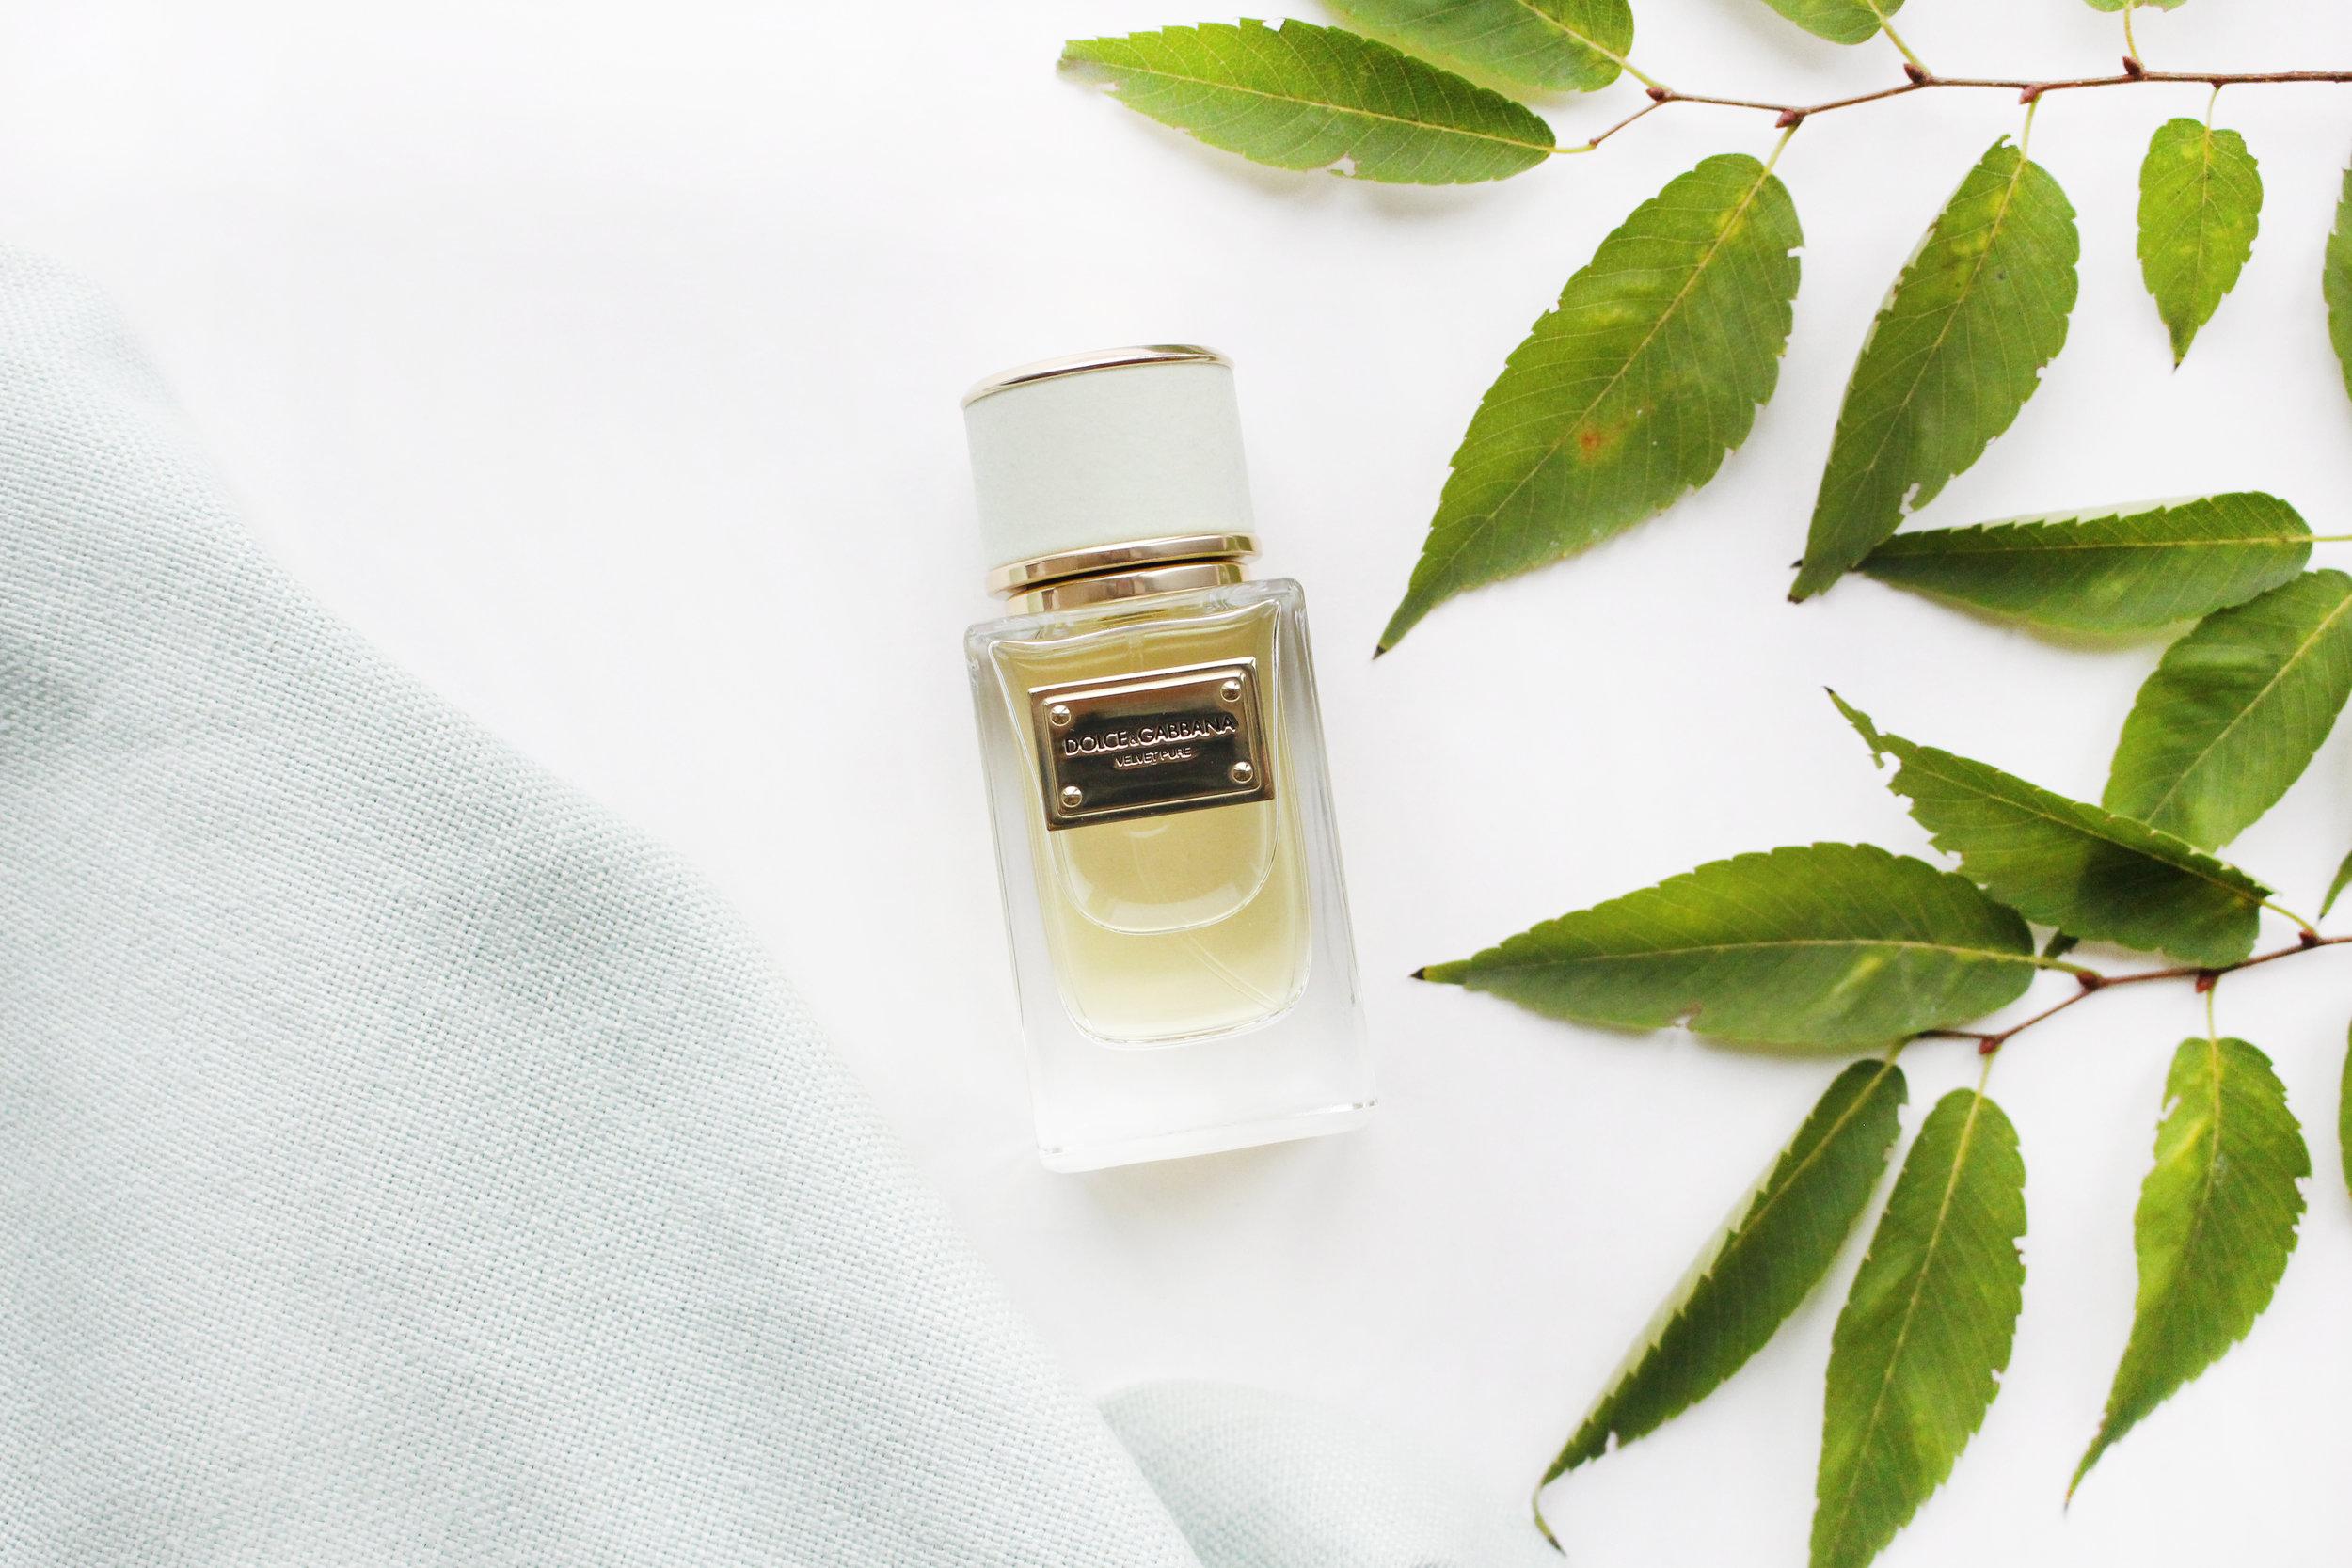 Notes: galbanum, jasmine, cistus labdanum, fig leaf accord, narcissus, jonquille absolute, neroli, geranium, vetiver, orris butter